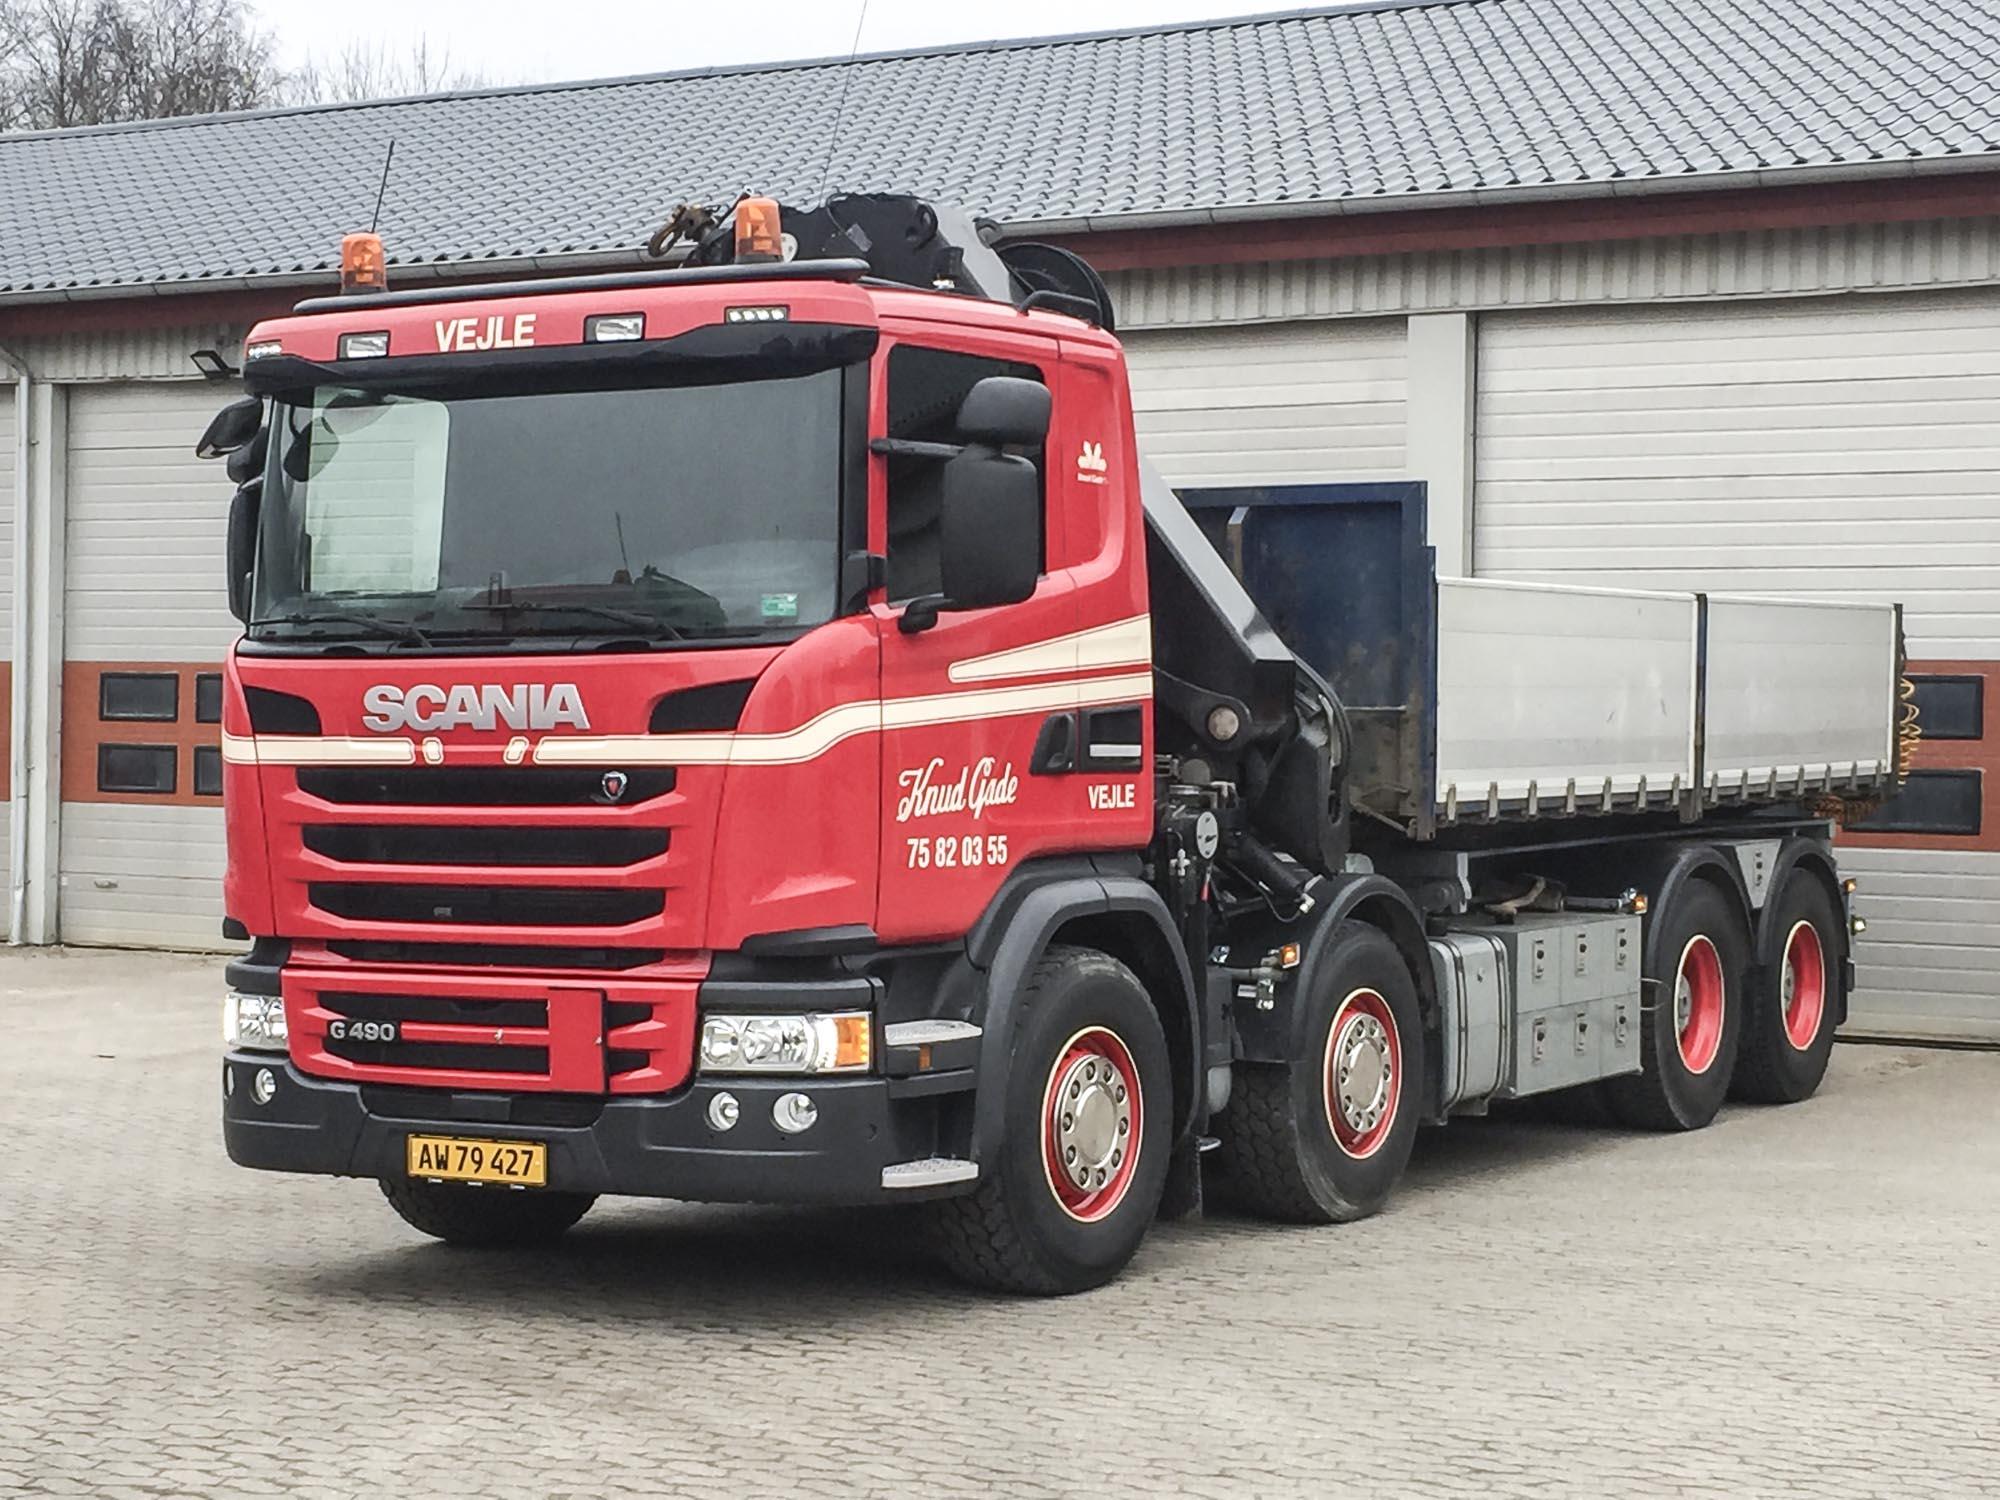 Scania med 32 t/m kran 1